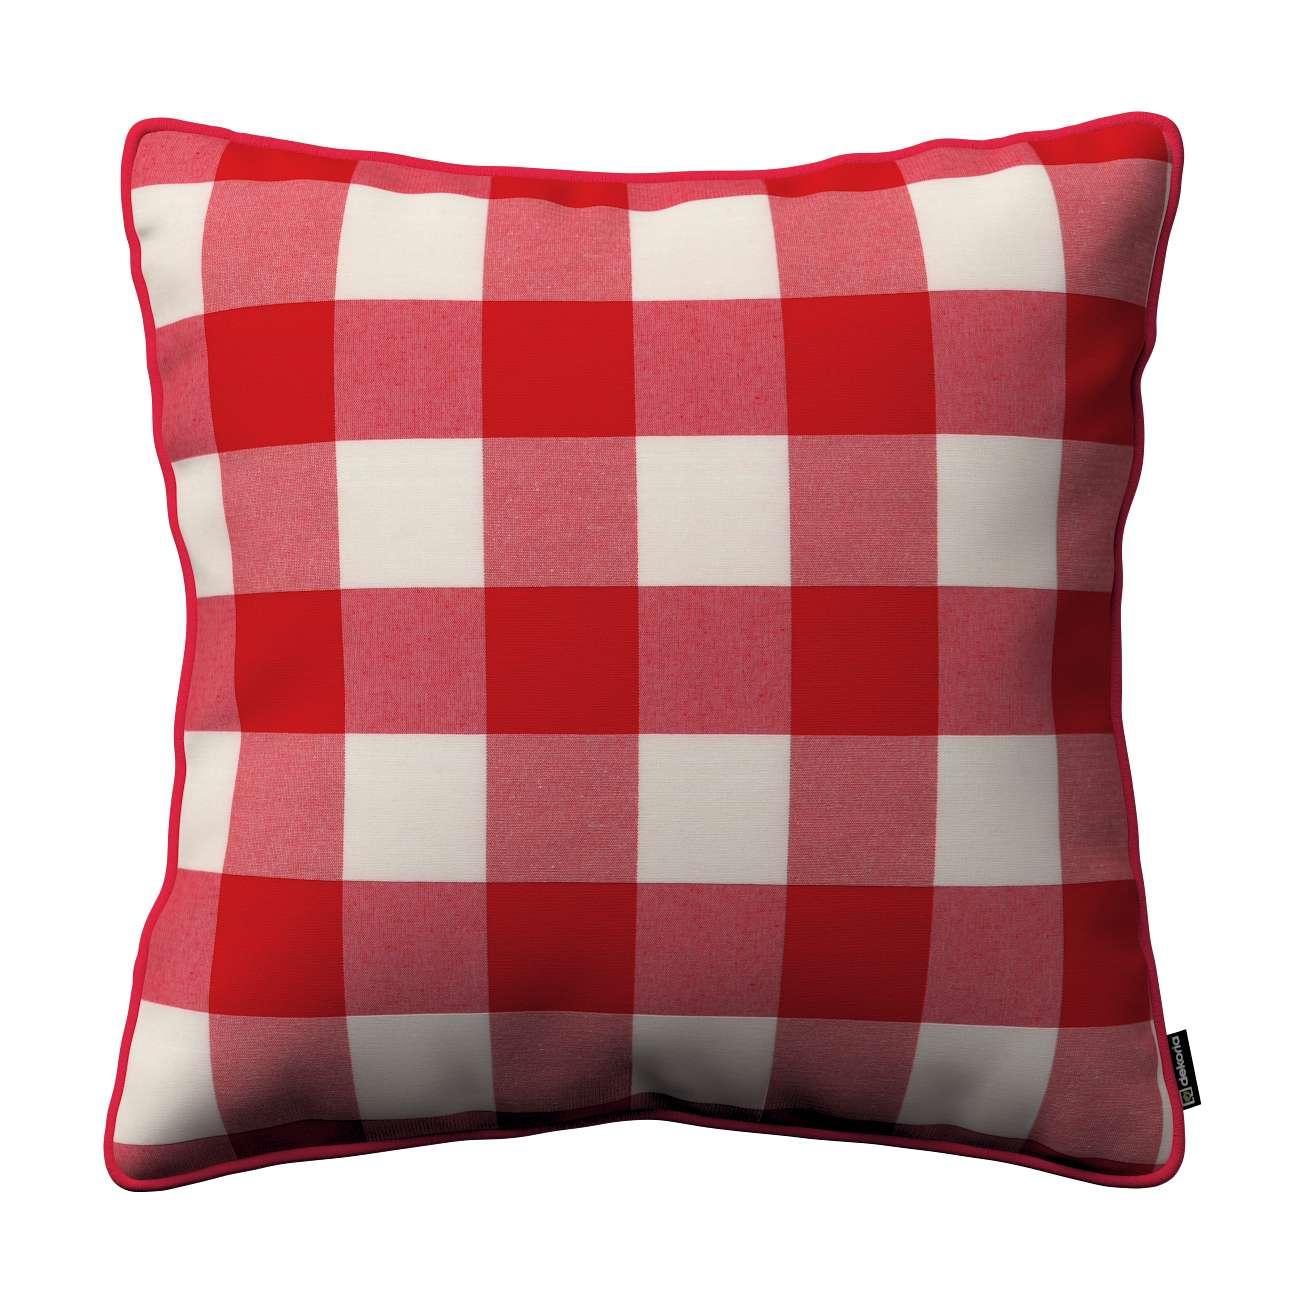 Poszewka Gabi na poduszkę w kolekcji Quadro, tkanina: 136-18